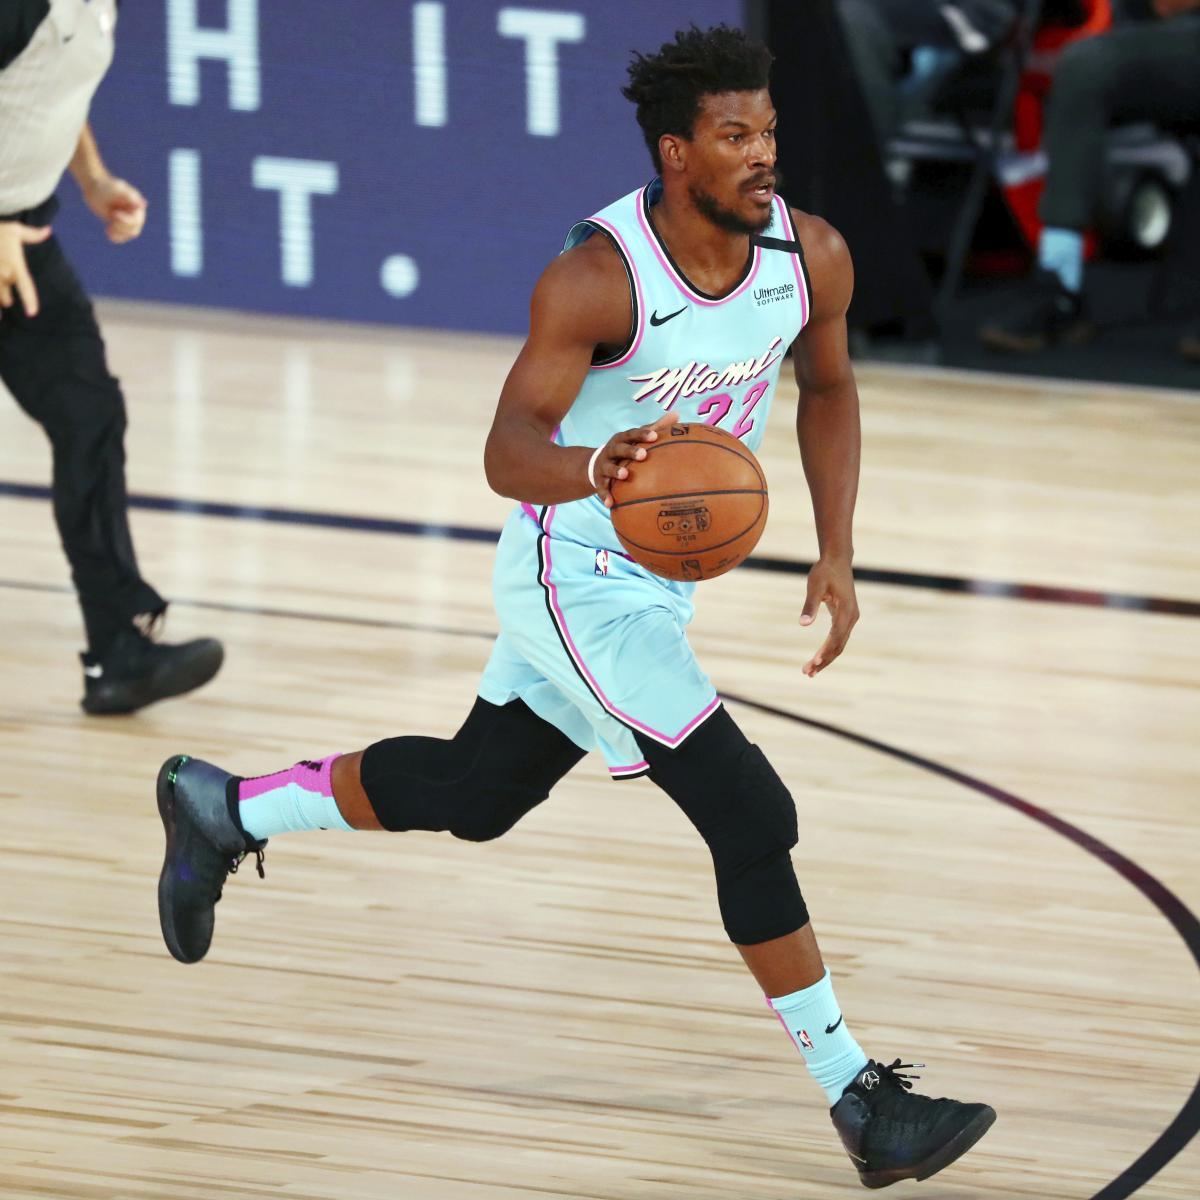 遇到Butler就「腿軟」?Warren神蹟終結,下半場竟0分,被熱火當家上了一課!(影)-黑特籃球-NBA新聞影音圖片分享社區